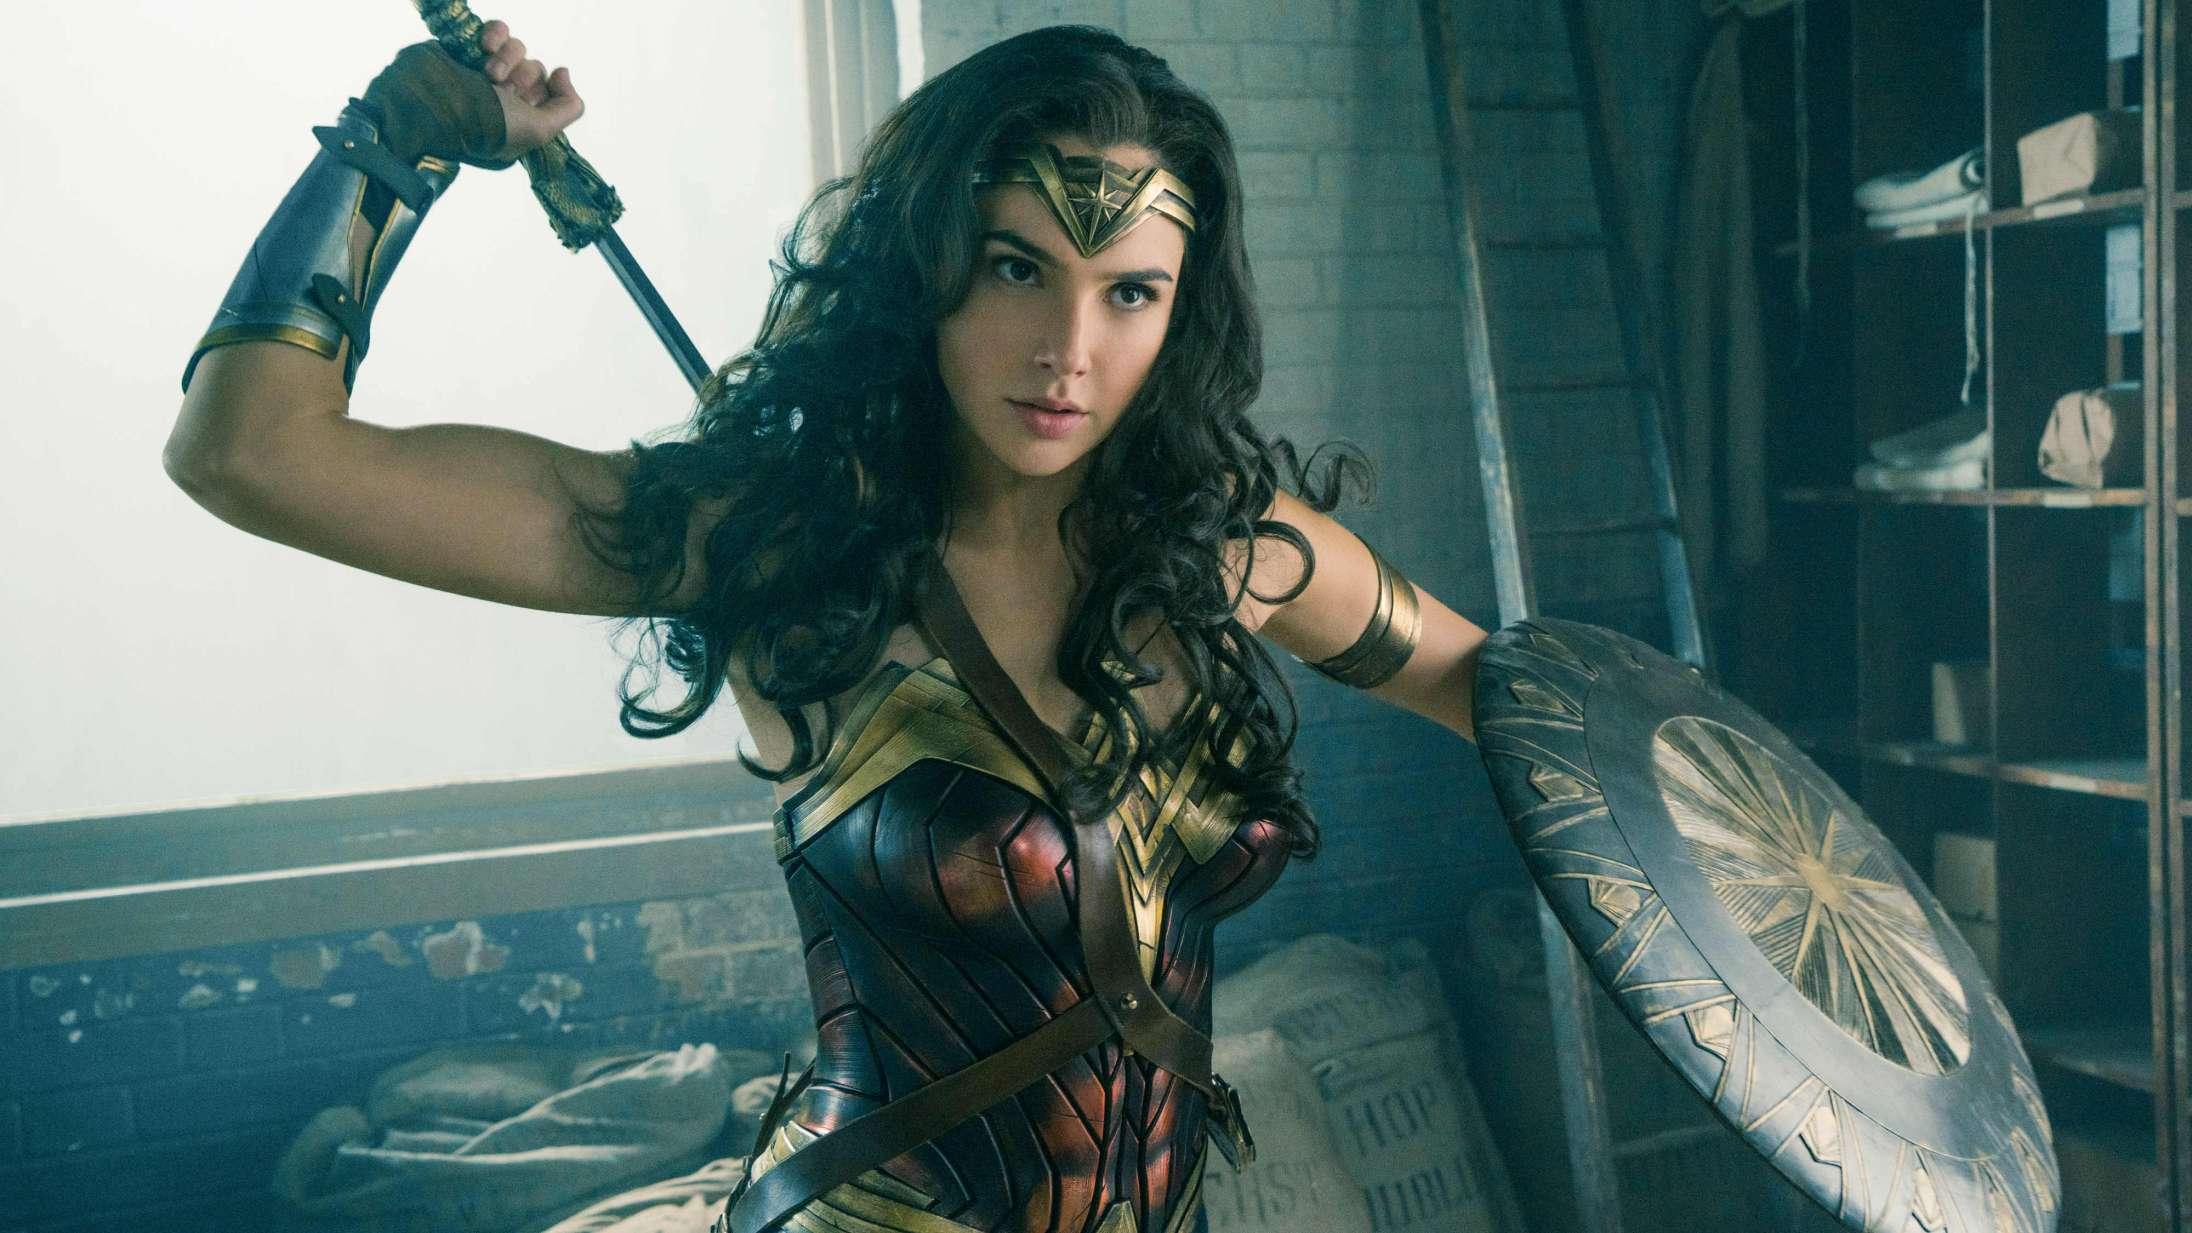 Før 'Wonder Woman 1984': Alle ni DCEU-film, rangeret fra værst til bedst